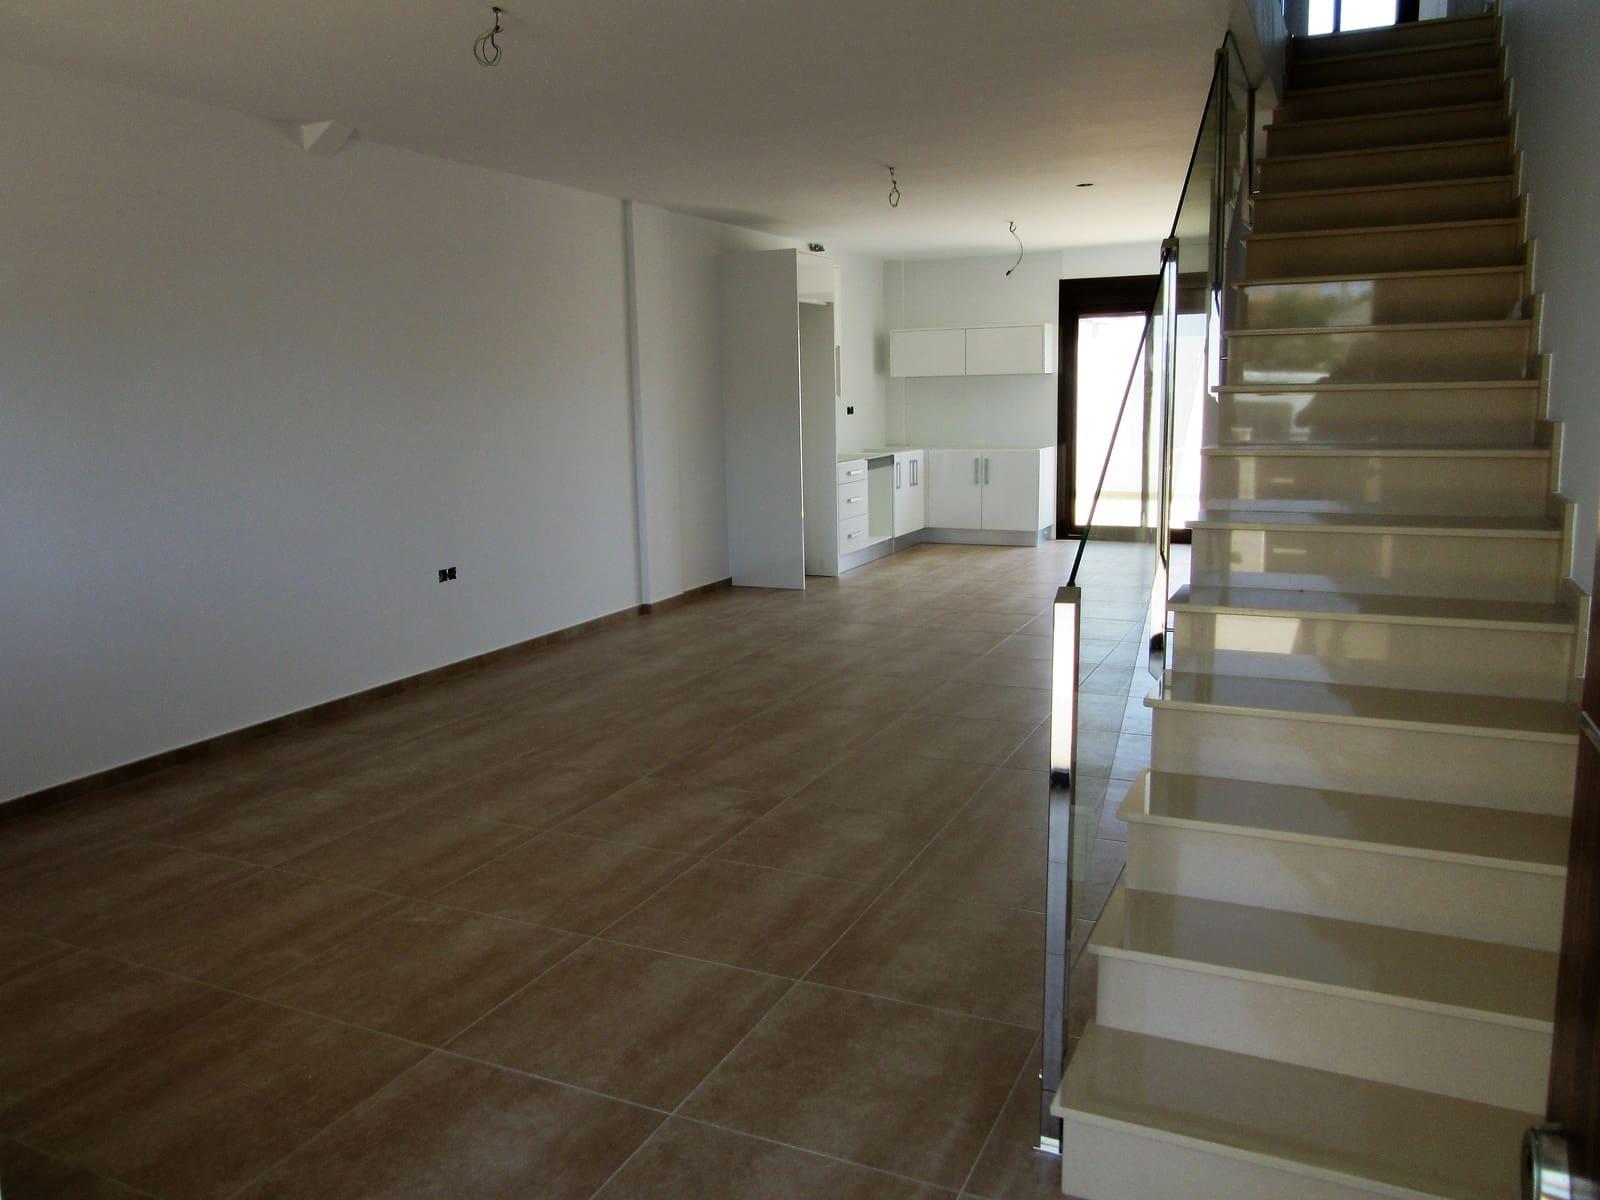 Bungalow de 3 habitaciones en Pilar de la Horadada en venta - 199.000 € (Ref: 4834015)